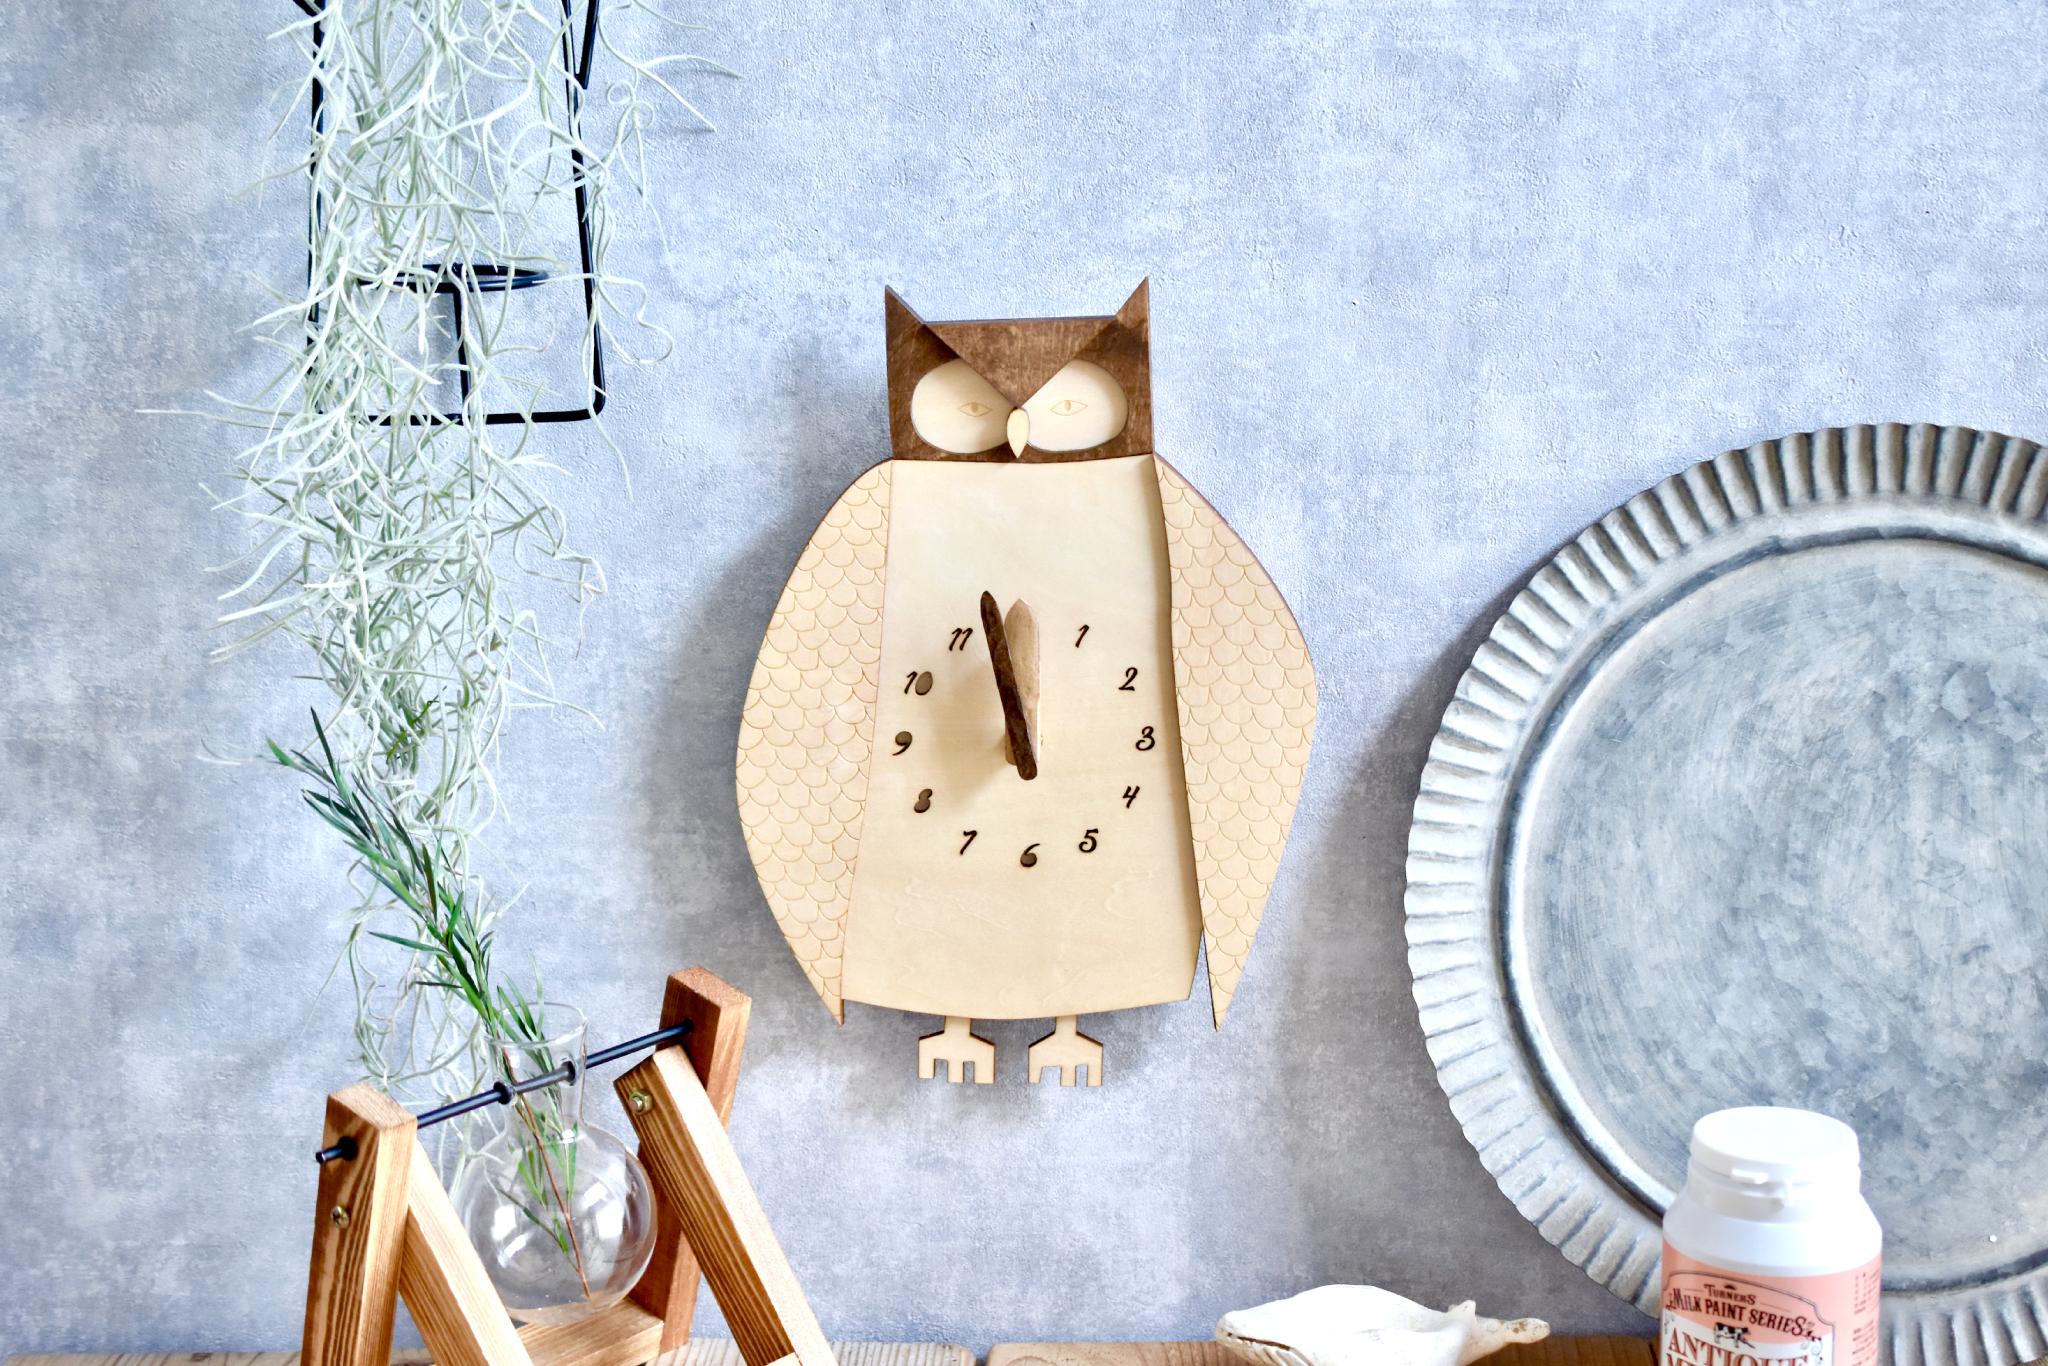 日一日と深まる秋の夜長、フクロウをモチーフにした掛け時計をお供に読書しませんか?